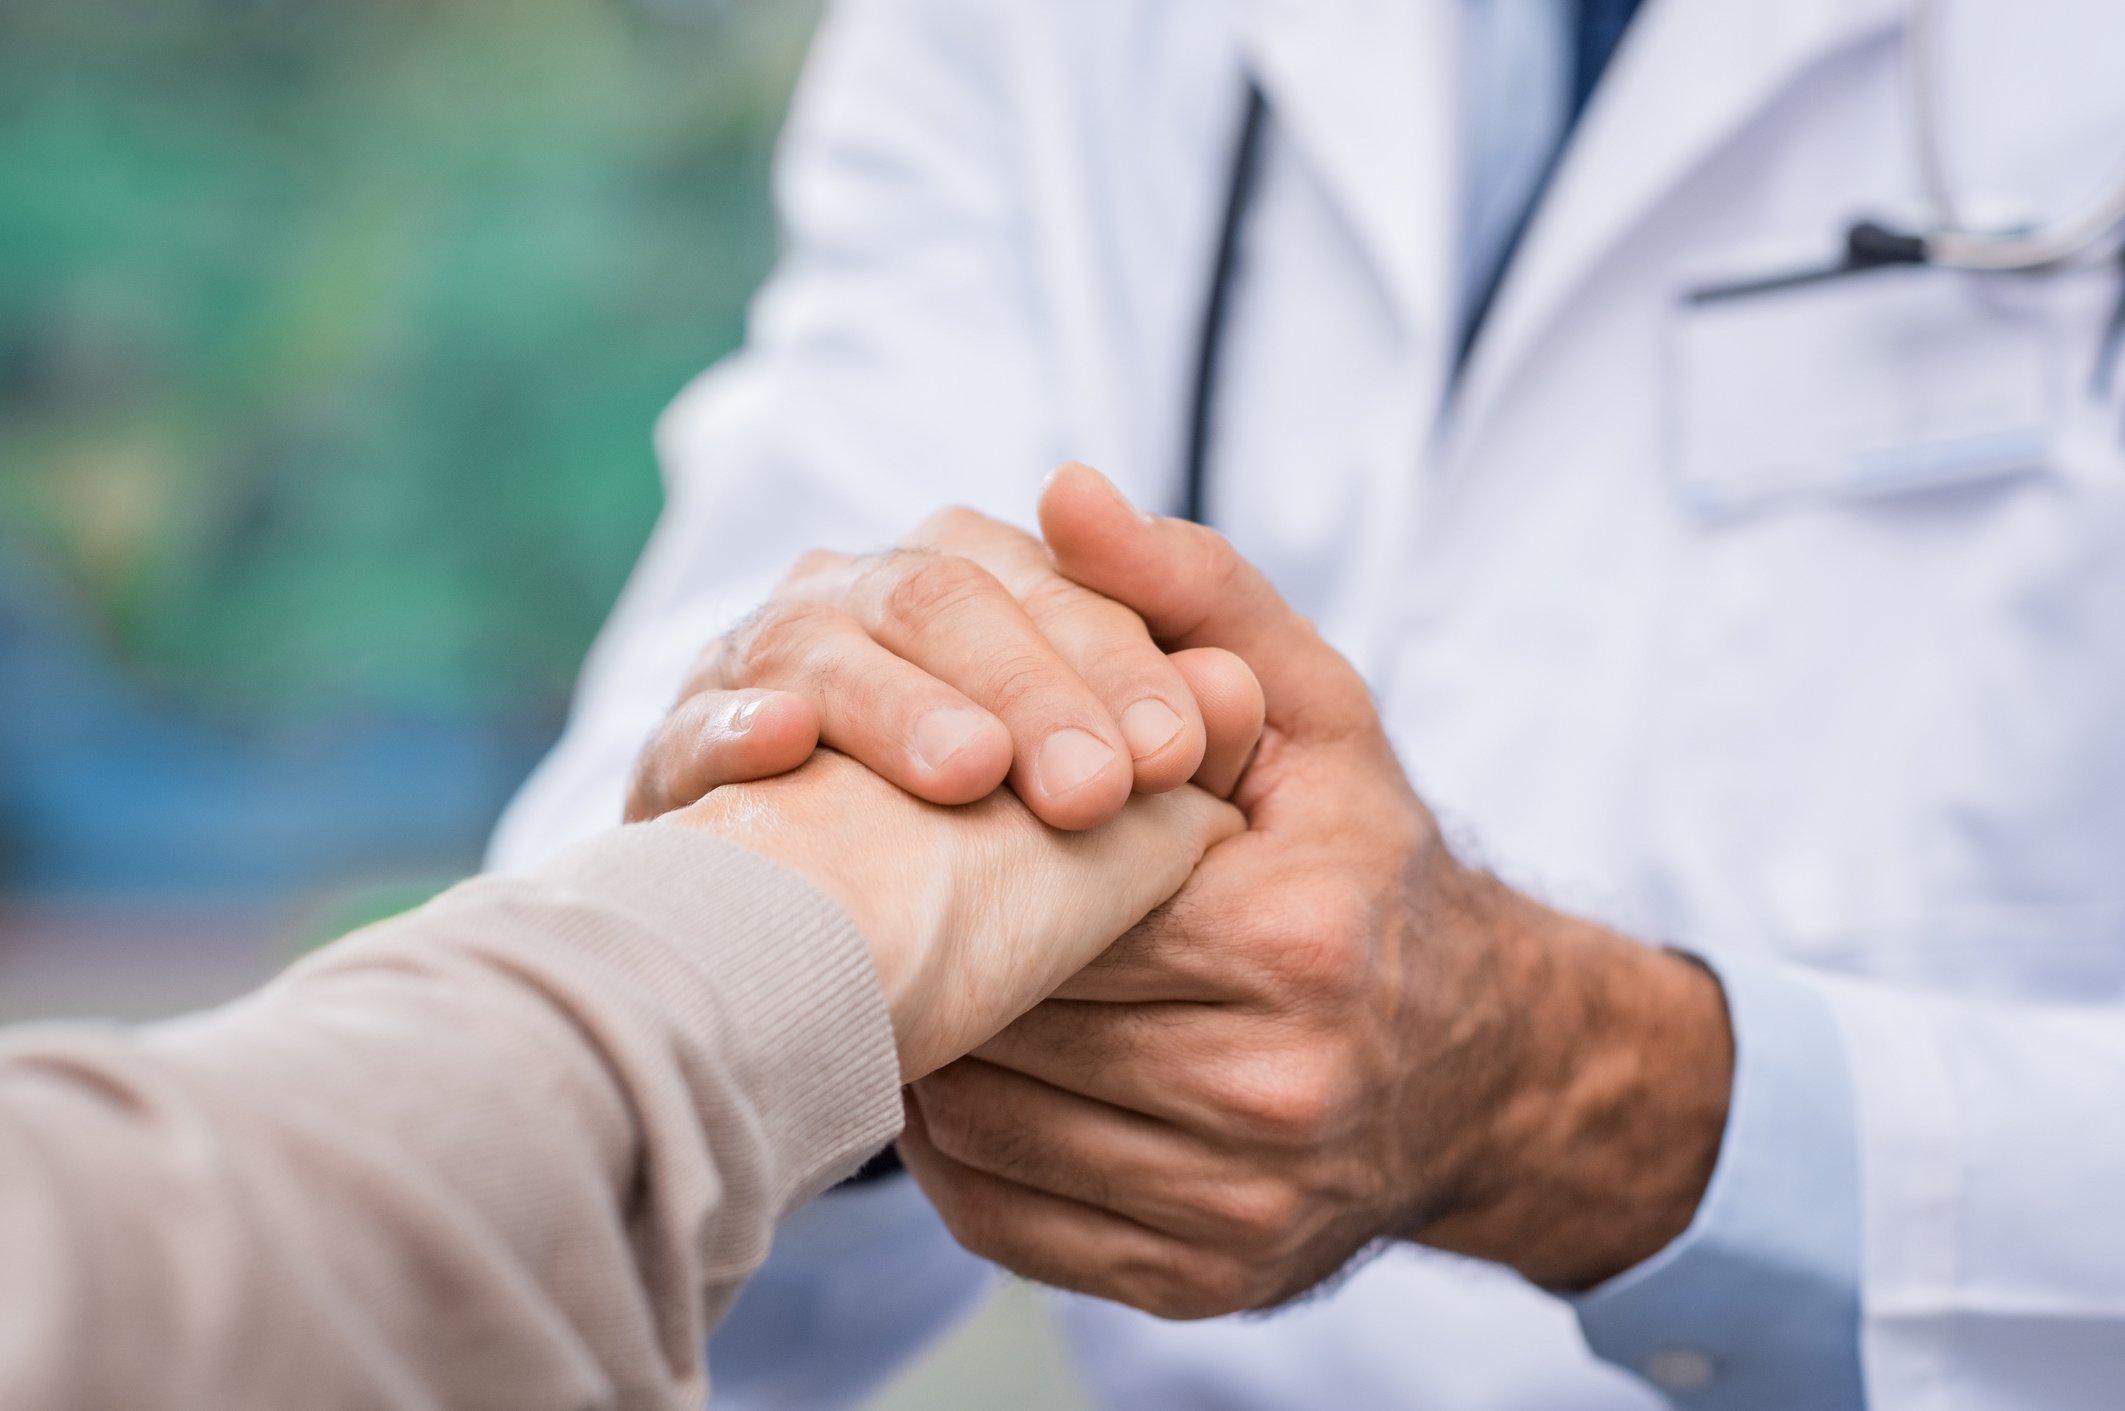 Un médico tomando la mano de una persona